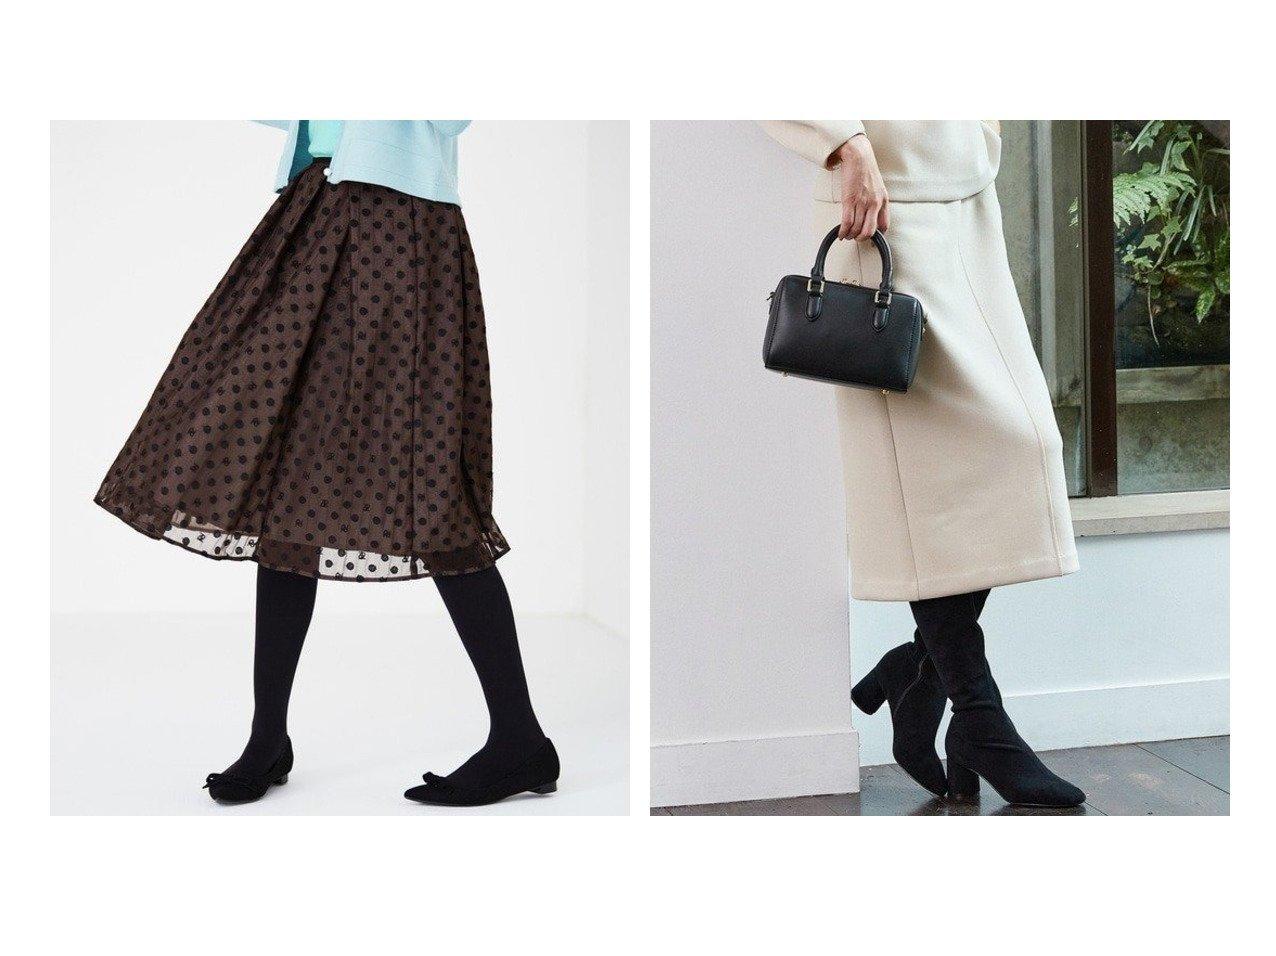 【KUMIKYOKU/組曲】の【Rythme KUMIKYOKU】Rドットレース タックスカート&【先行予約】カルゼダンボール タイトスカート スカートのおすすめ!人気、レディースファッションの通販  おすすめで人気のファッション通販商品 インテリア・家具・キッズファッション・メンズファッション・レディースファッション・服の通販 founy(ファニー) https://founy.com/ ファッション Fashion レディース WOMEN スカート Skirt オーガンジー グログラン コレクション シアー ショート シンプル チュール トリミング ドット フレアースカート モチーフ ランダム レース 秋冬 A/W Autumn/ Winter ジャージー セットアップ タイトスカート パーカー フレア |ID:crp329100000004062